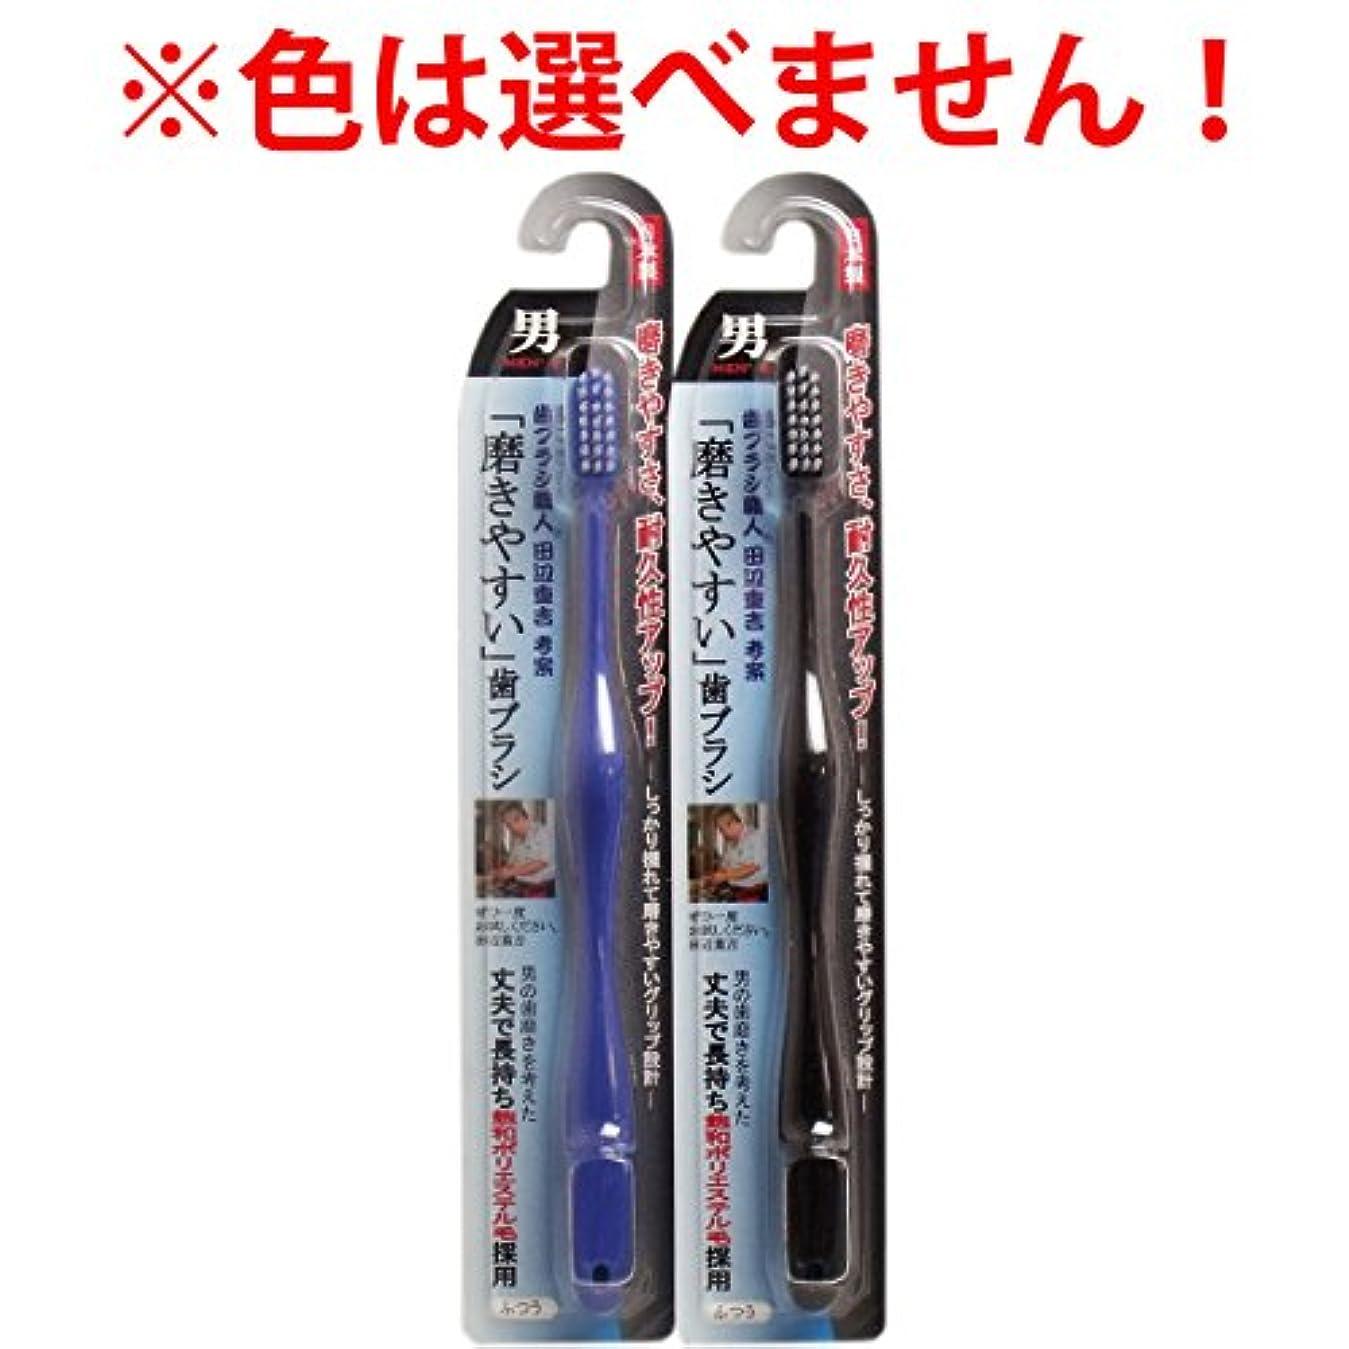 十一鈍い欺ライフレンジ 「磨きやすい」歯ブラシ男 LT-08 1本